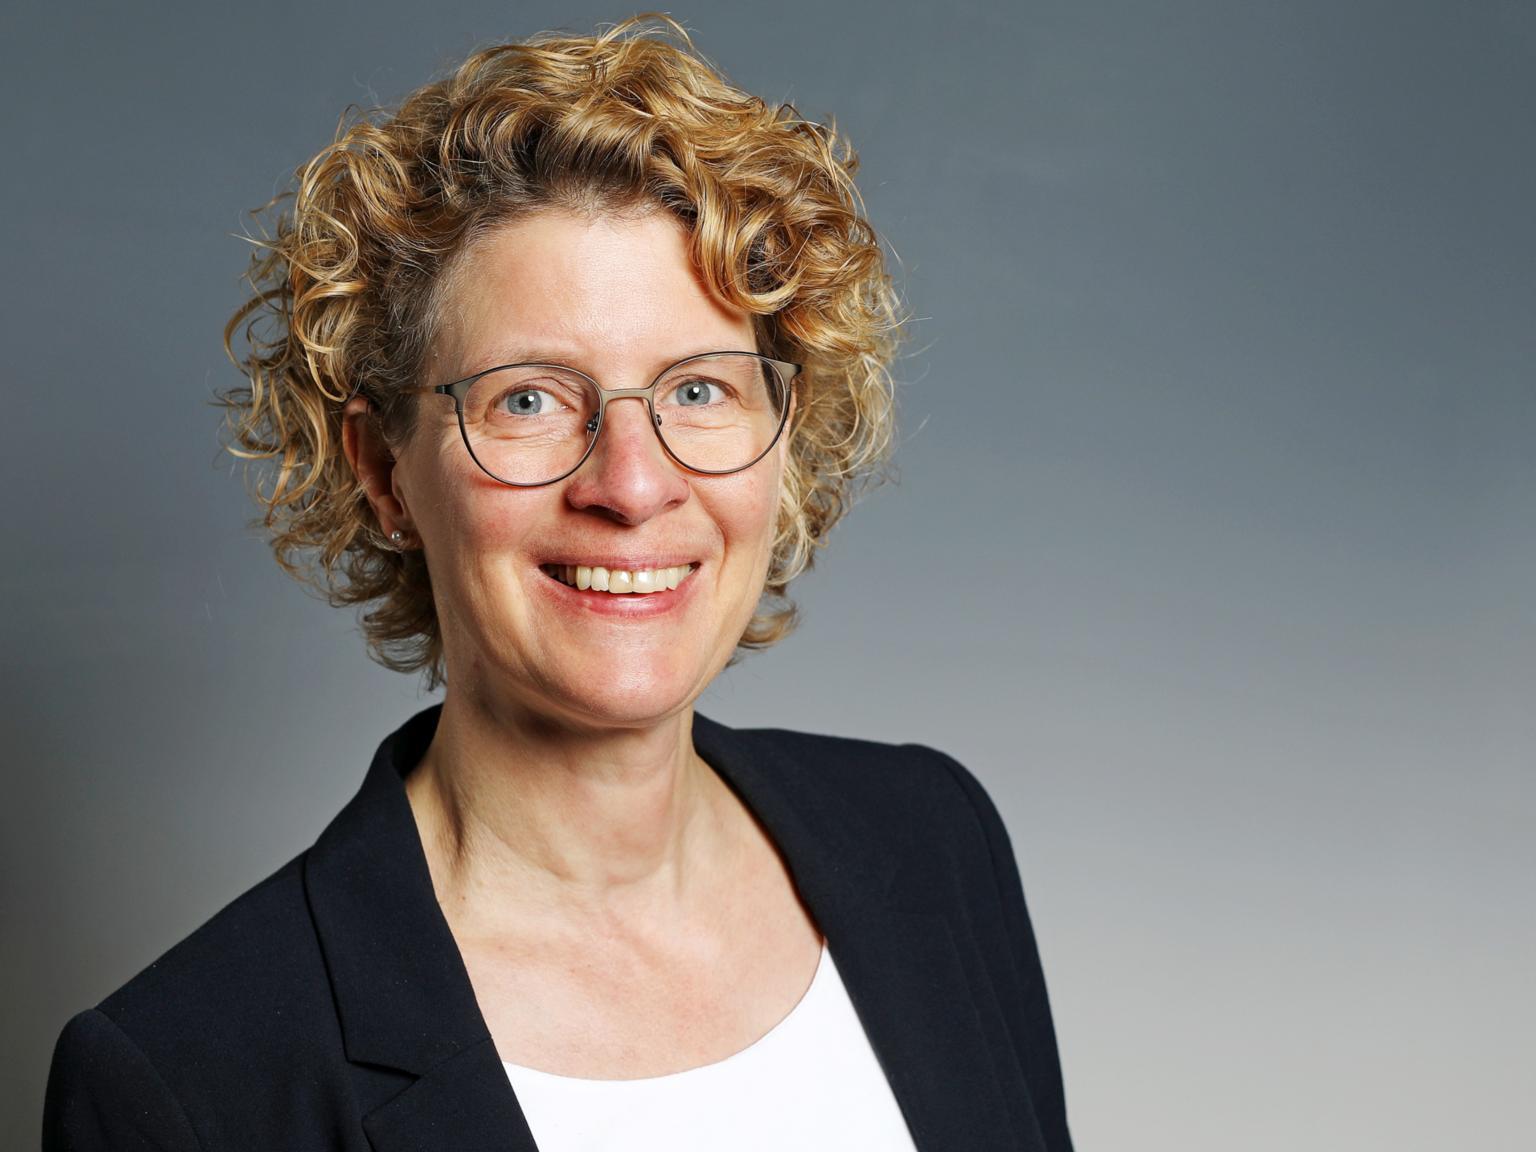 Sabine Kock (c) Bistum Aachen - Andreas Steindl